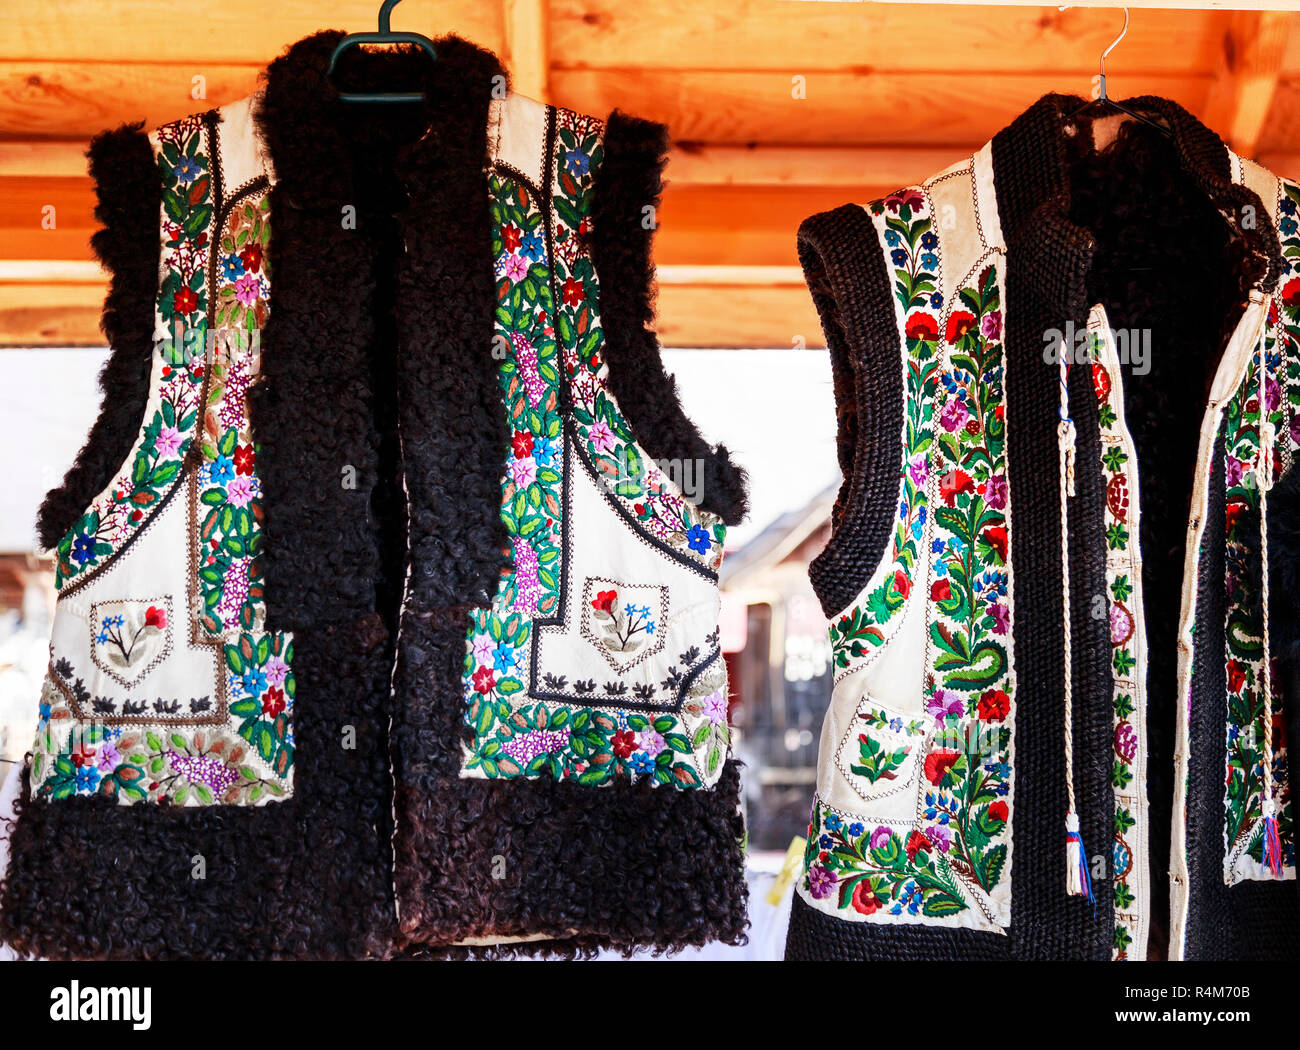 a3794f37d0a9fe Leder Weste mit rumänischen traditionelle Stickereien. Stockbild